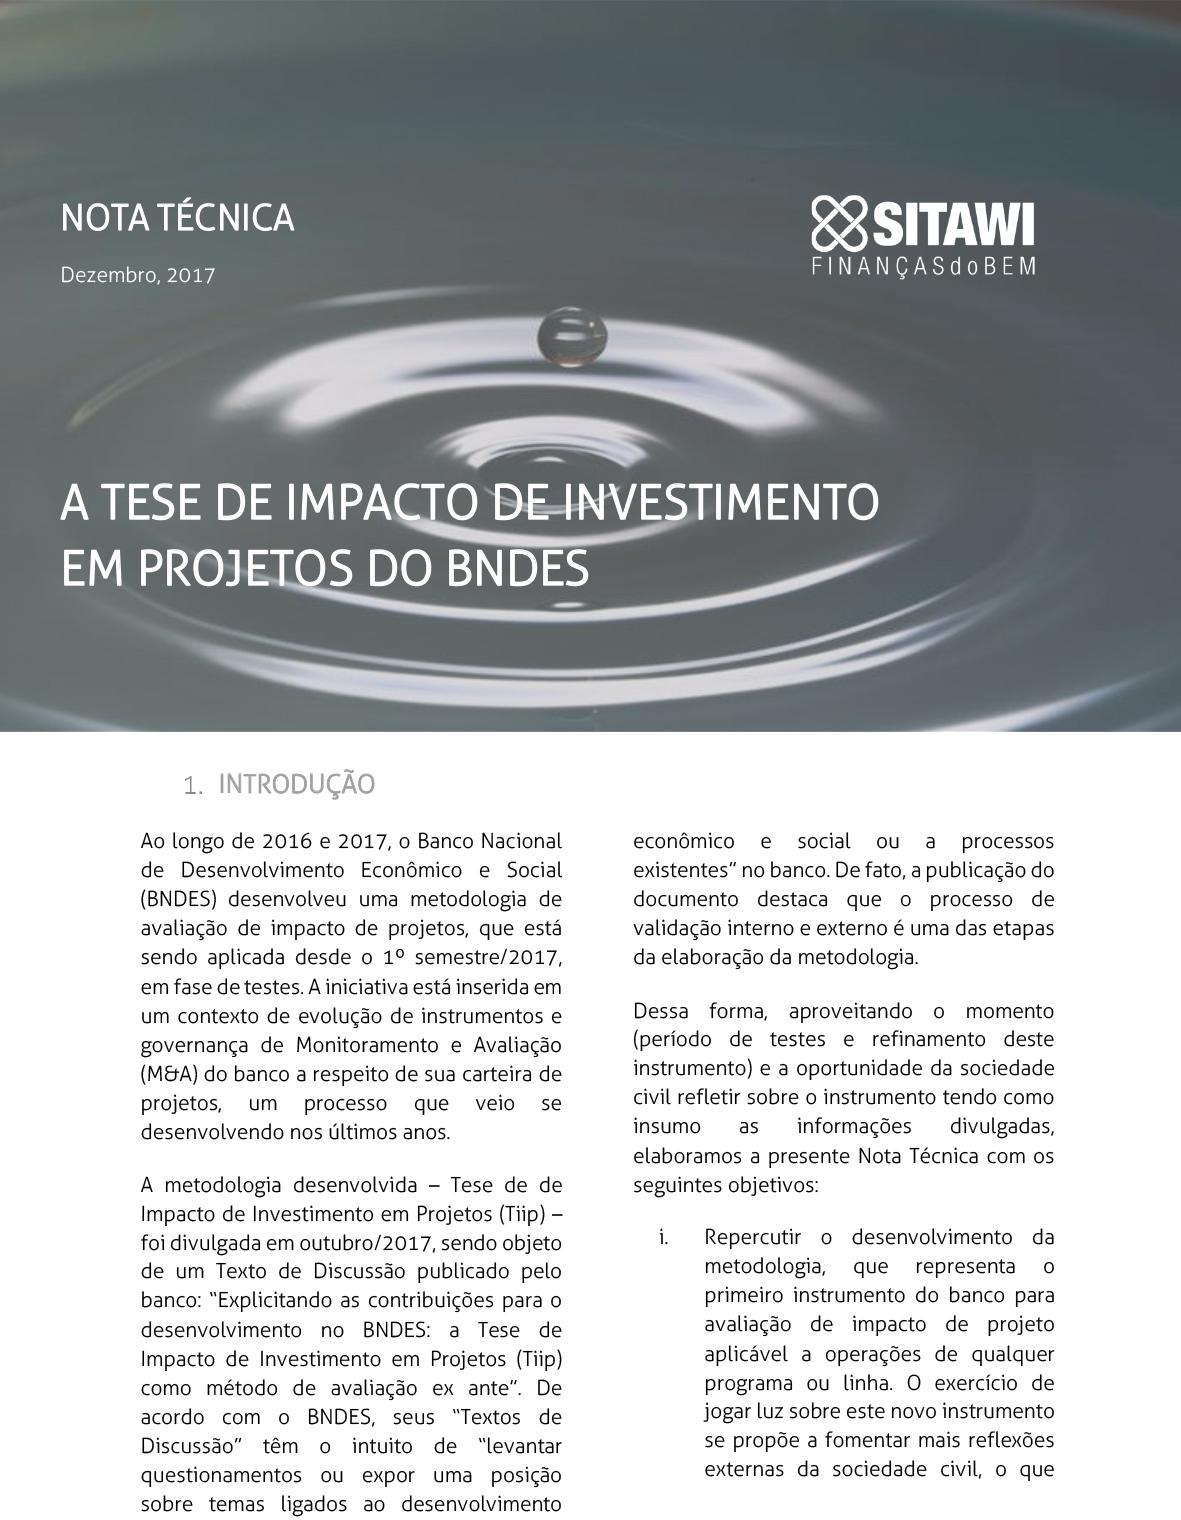 A TESE DE IMPACTO DE INVESTIMENTO EM PROJETOS DO BNDES